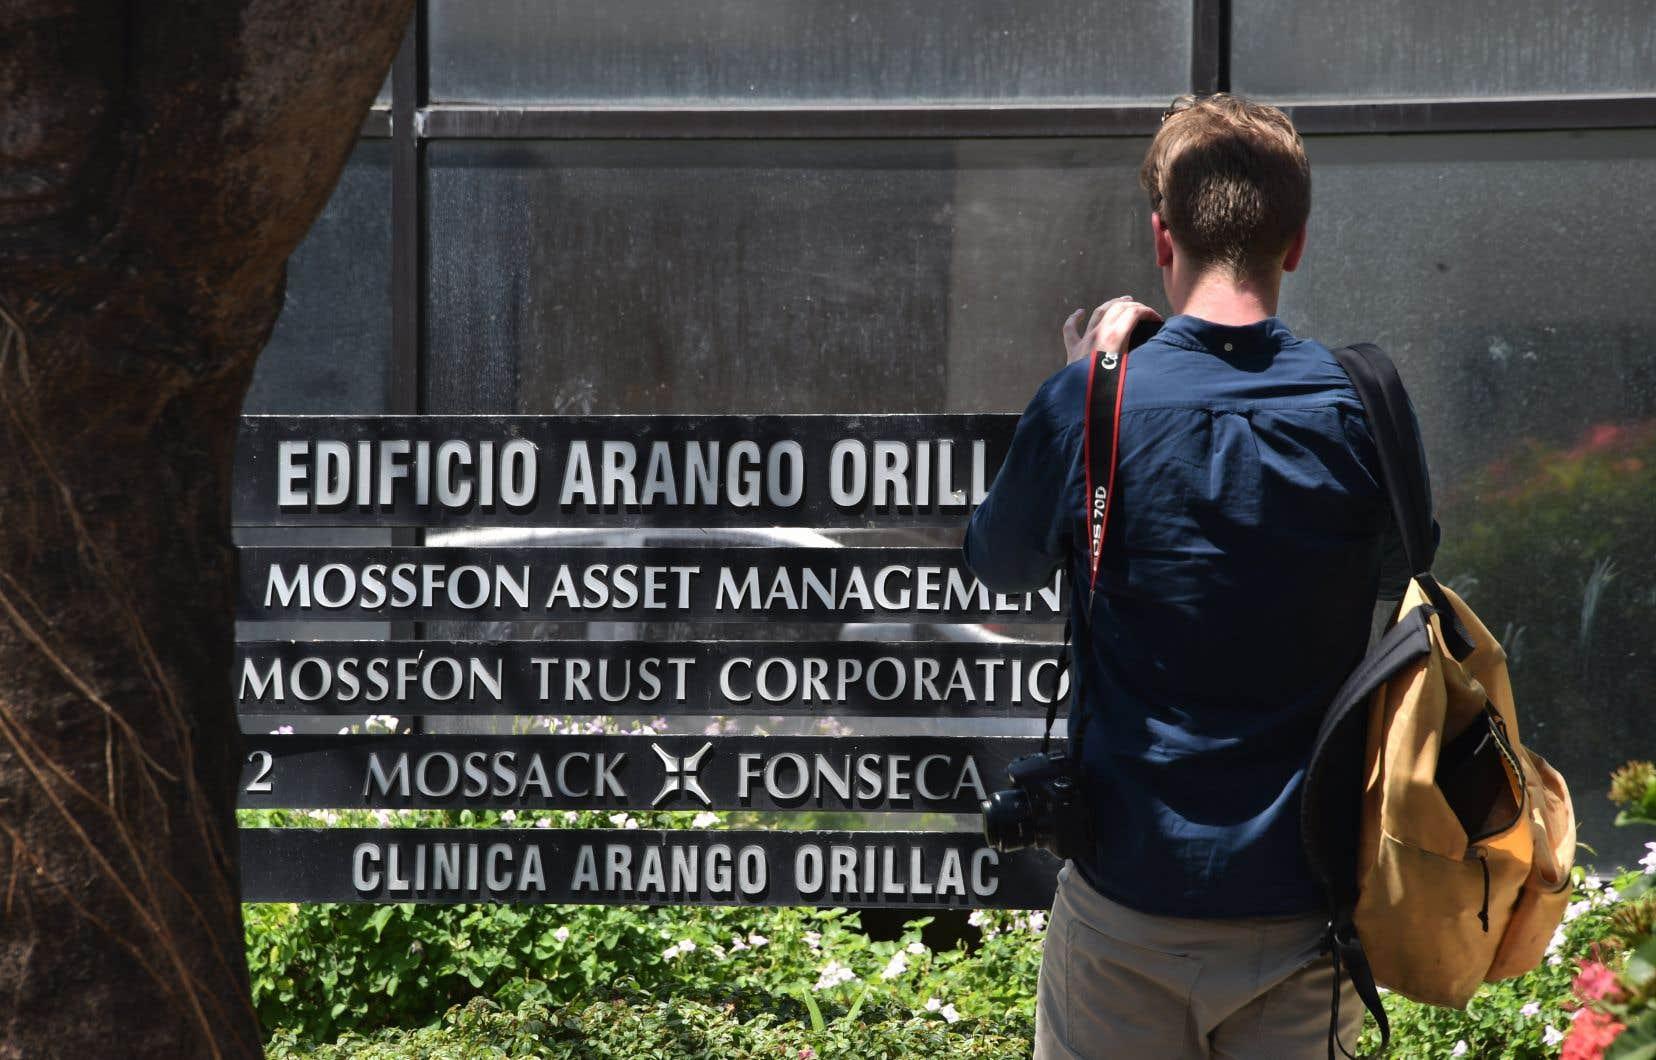 Les Panama Papers, comme d'autres affaires plus récentes, révélaient des pratiques d'évasion et d'évitement fiscaux adoptées par des milliers d'individus, soulignent les auteurs.